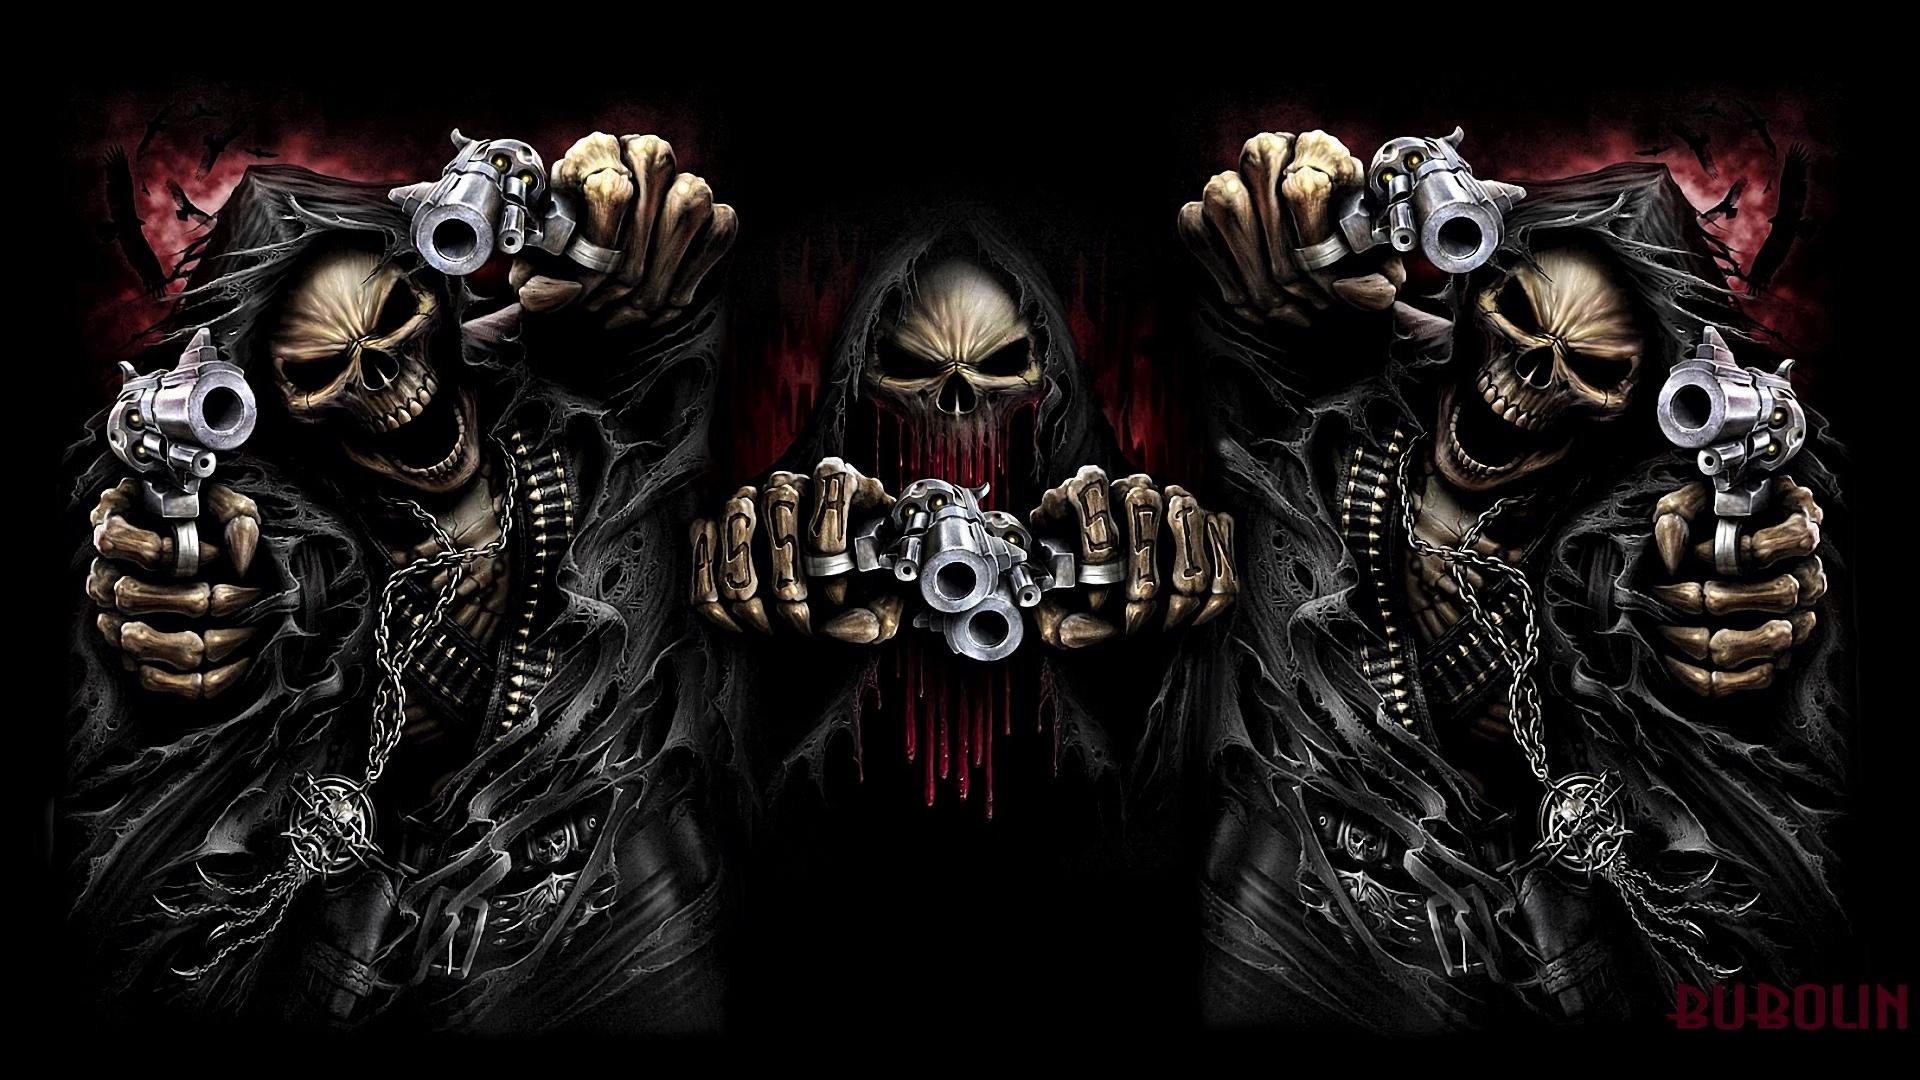 Download 1920x1080 Wallpaper Ghost, Assassin, Skull, Gun ...